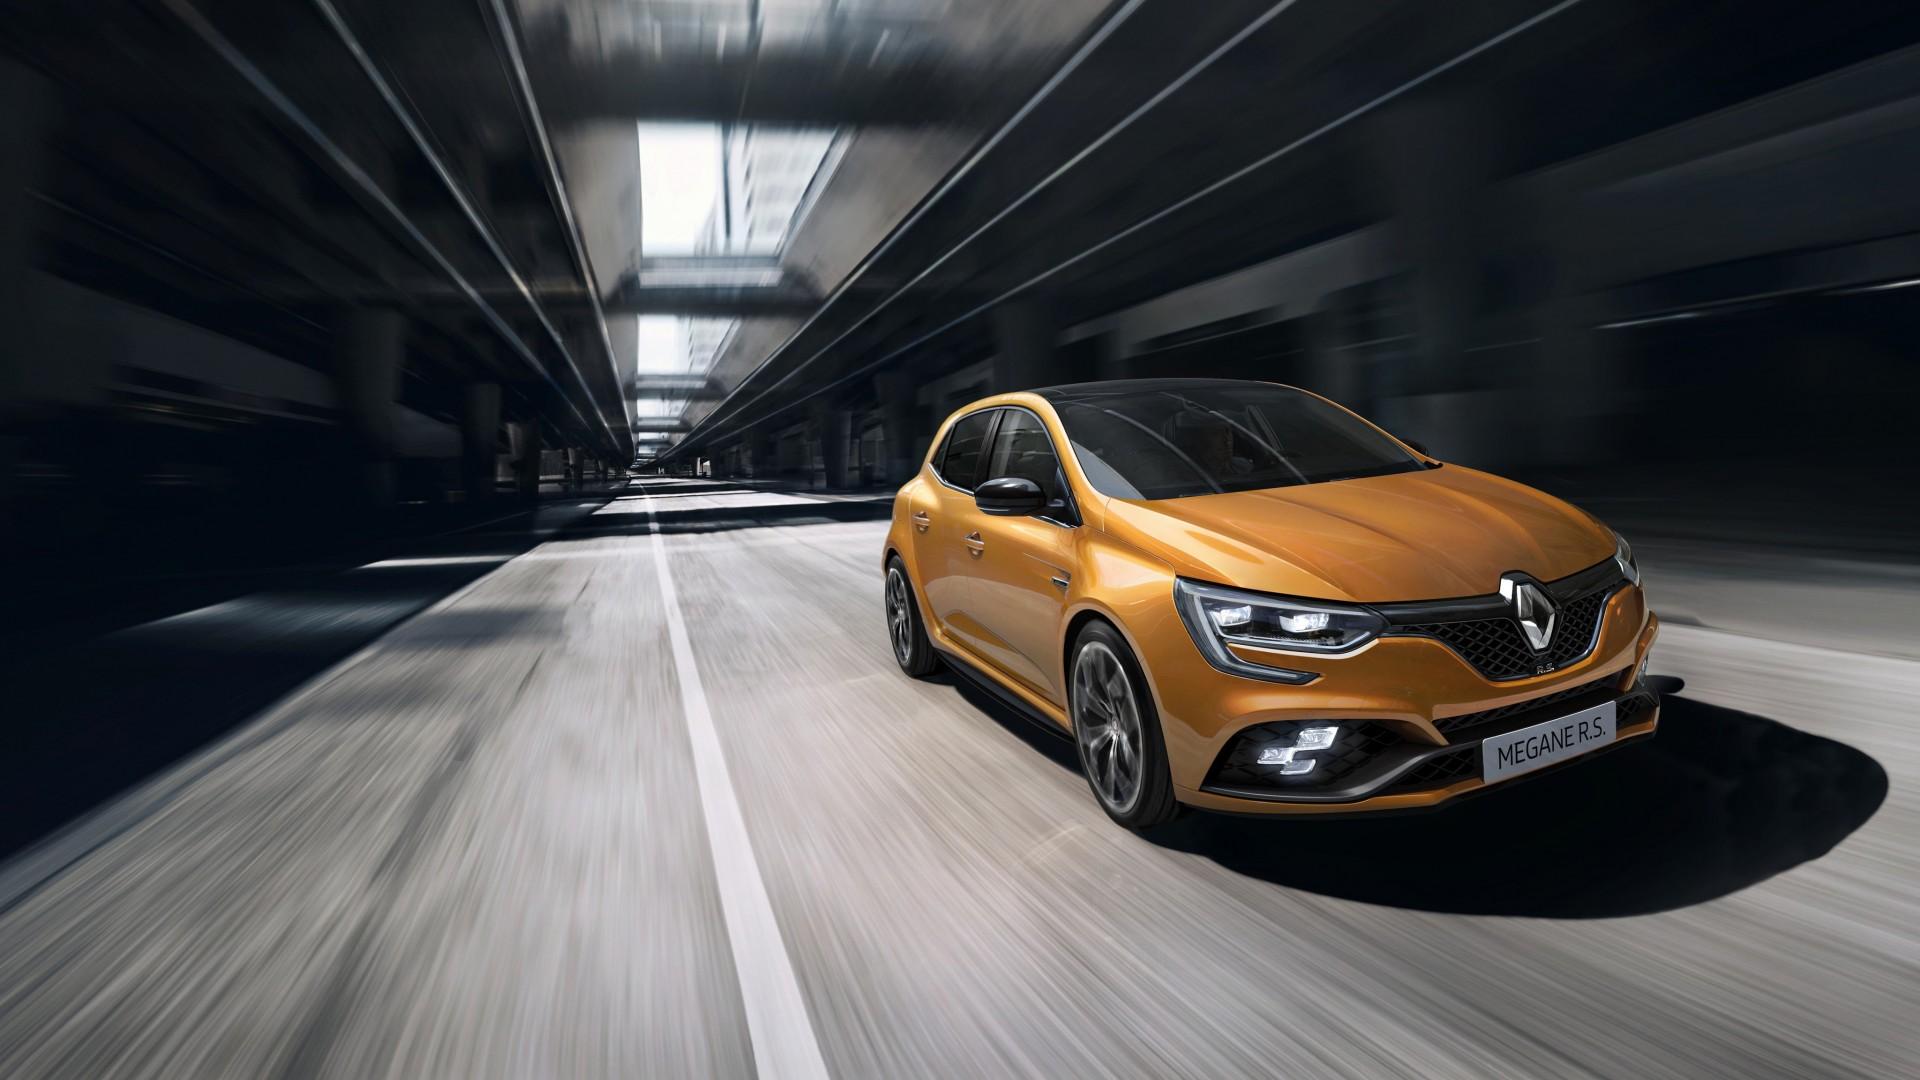 2018 Renault Megane Rs 4k 3 Wallpaper Hd Car Wallpapers